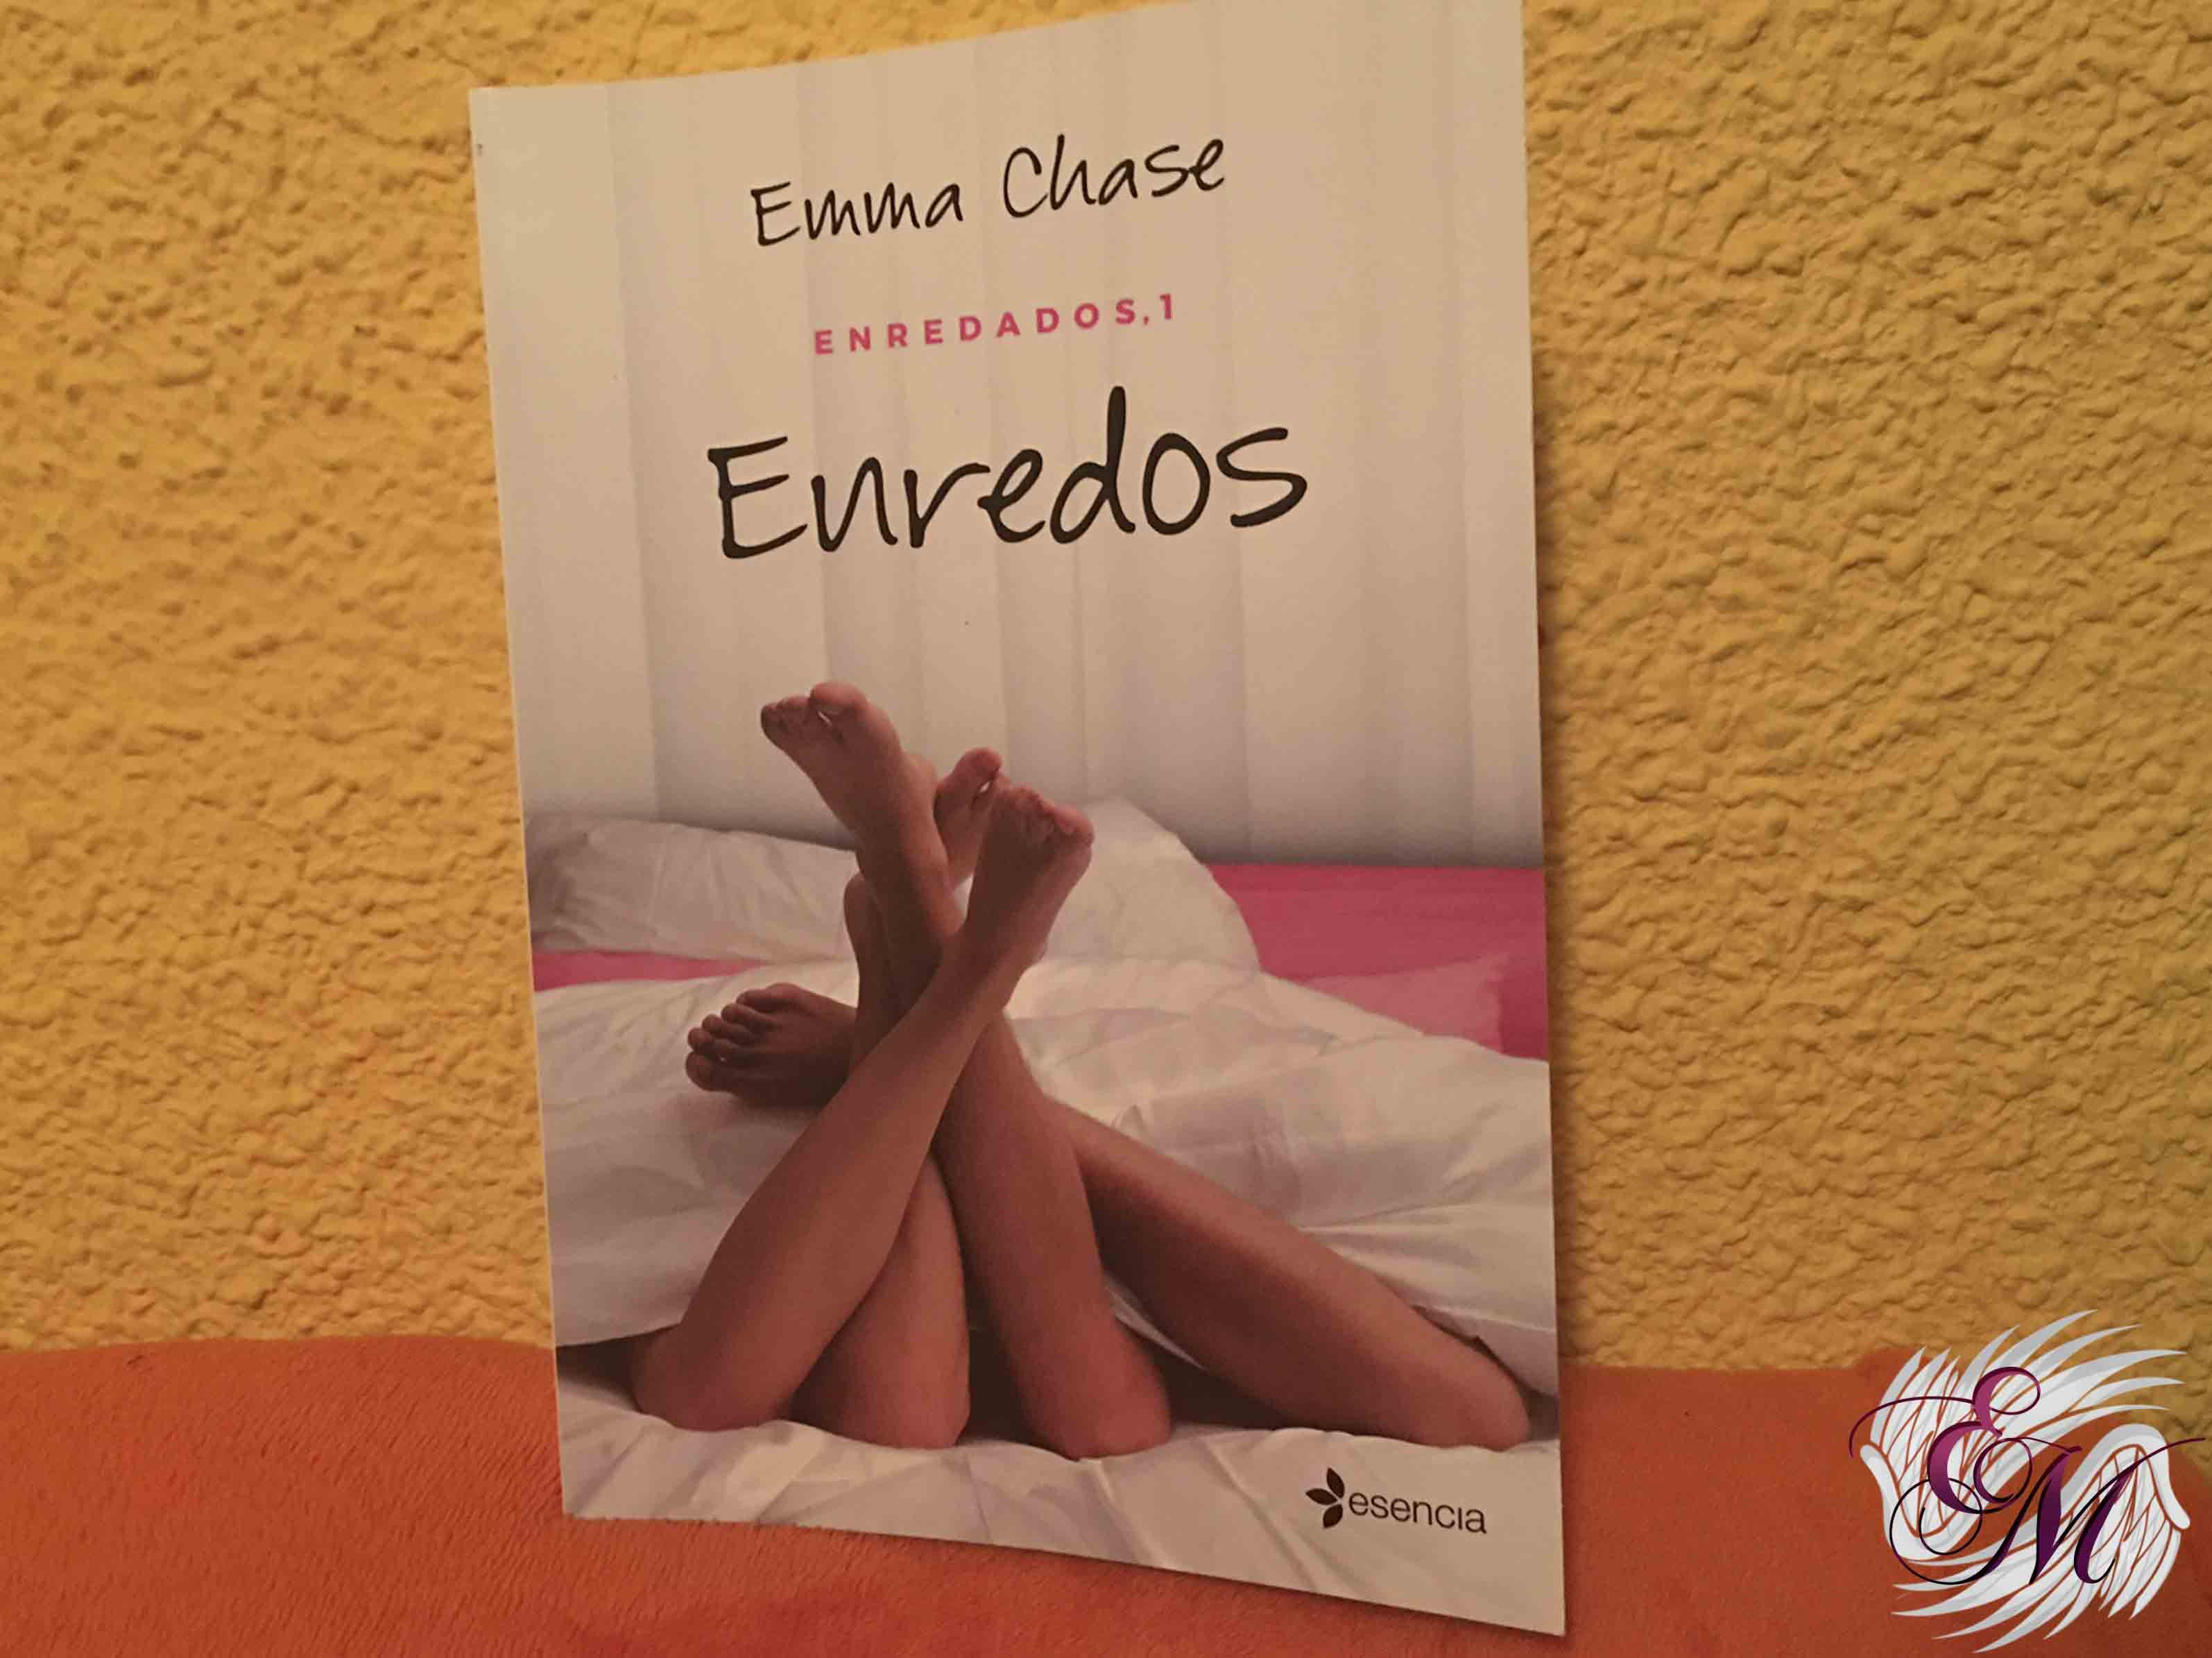 Enredos, de Emma chase - Reseña